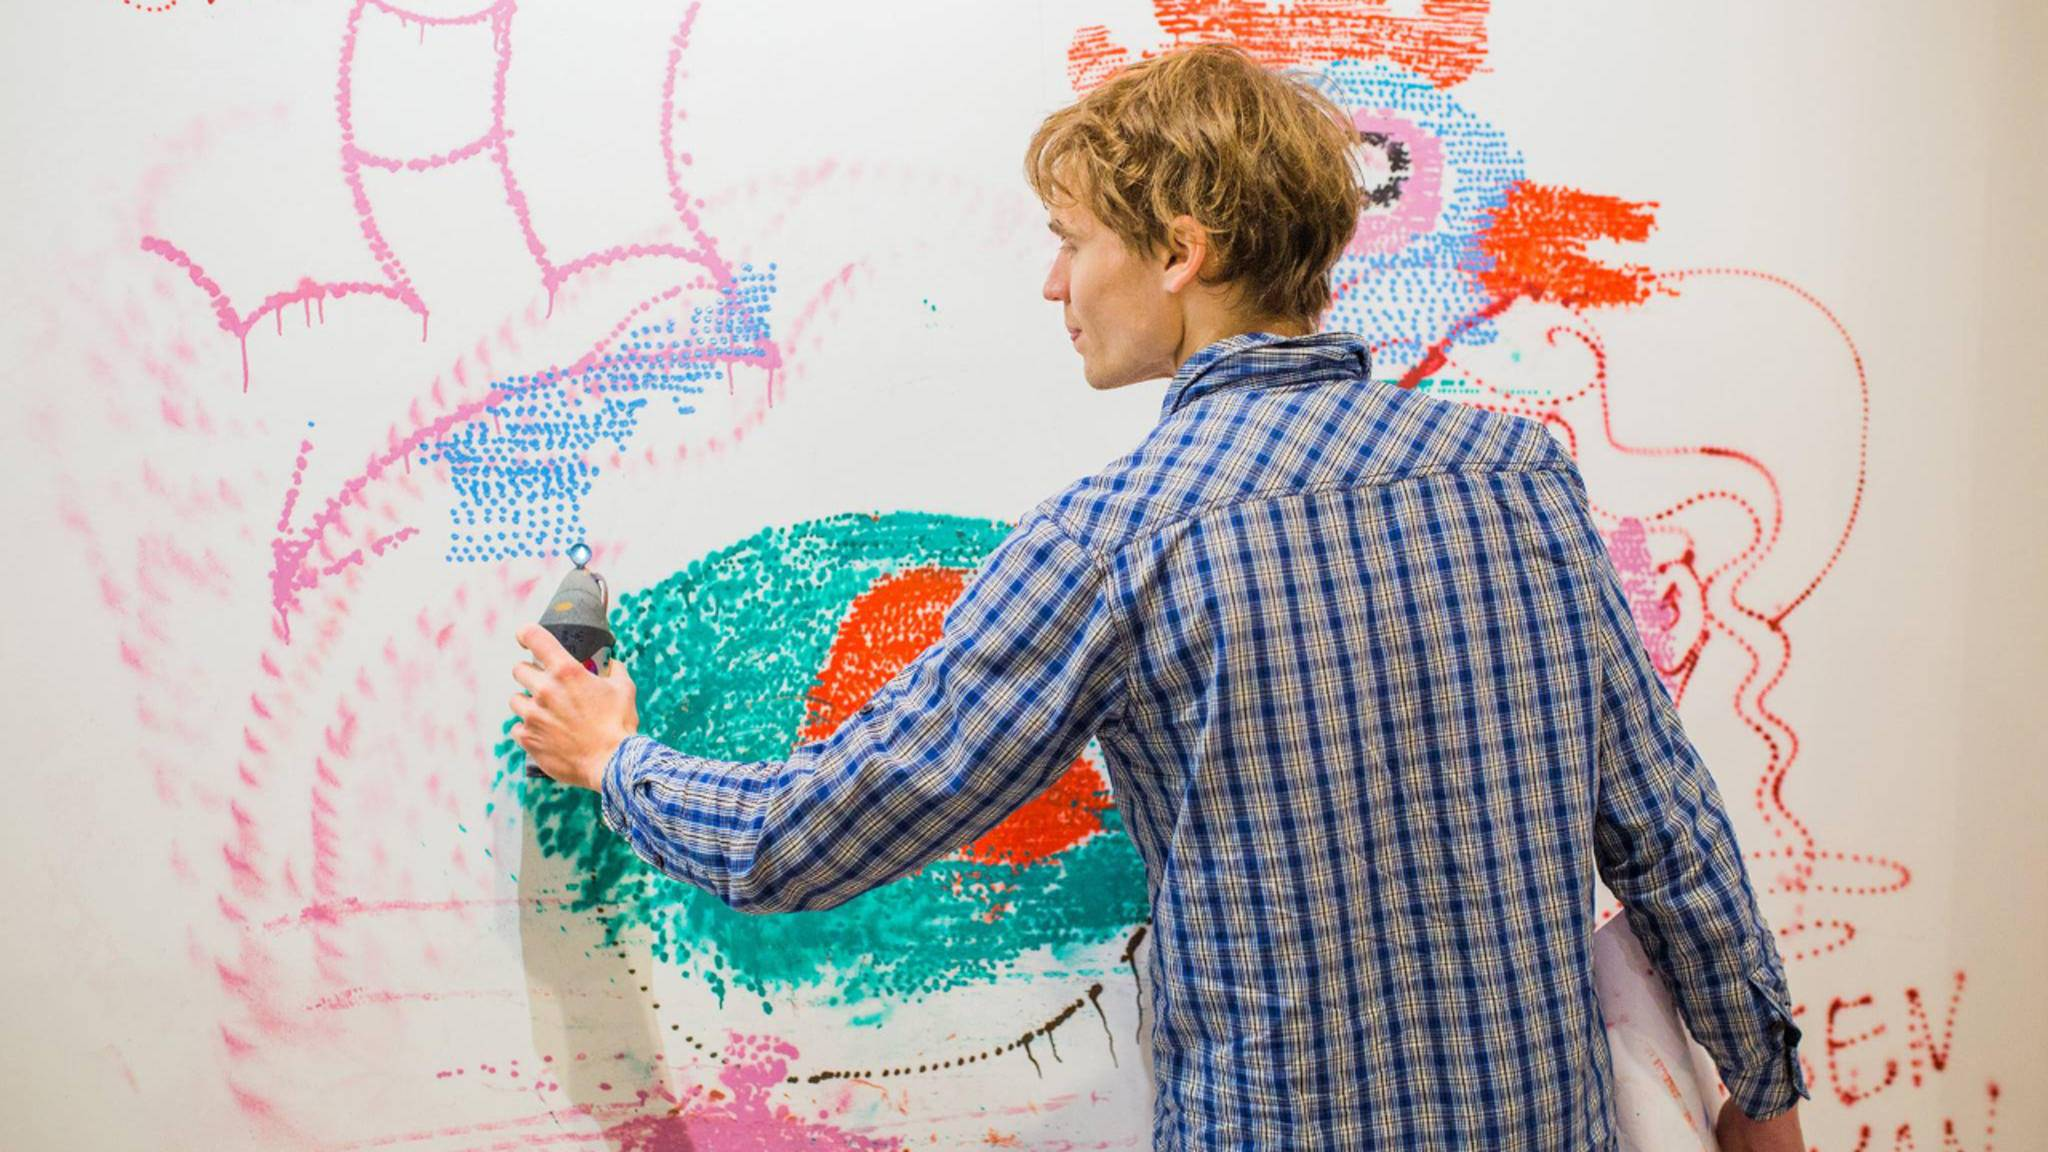 SprayPrinter macht jeden zum Graffiti-Künstler.